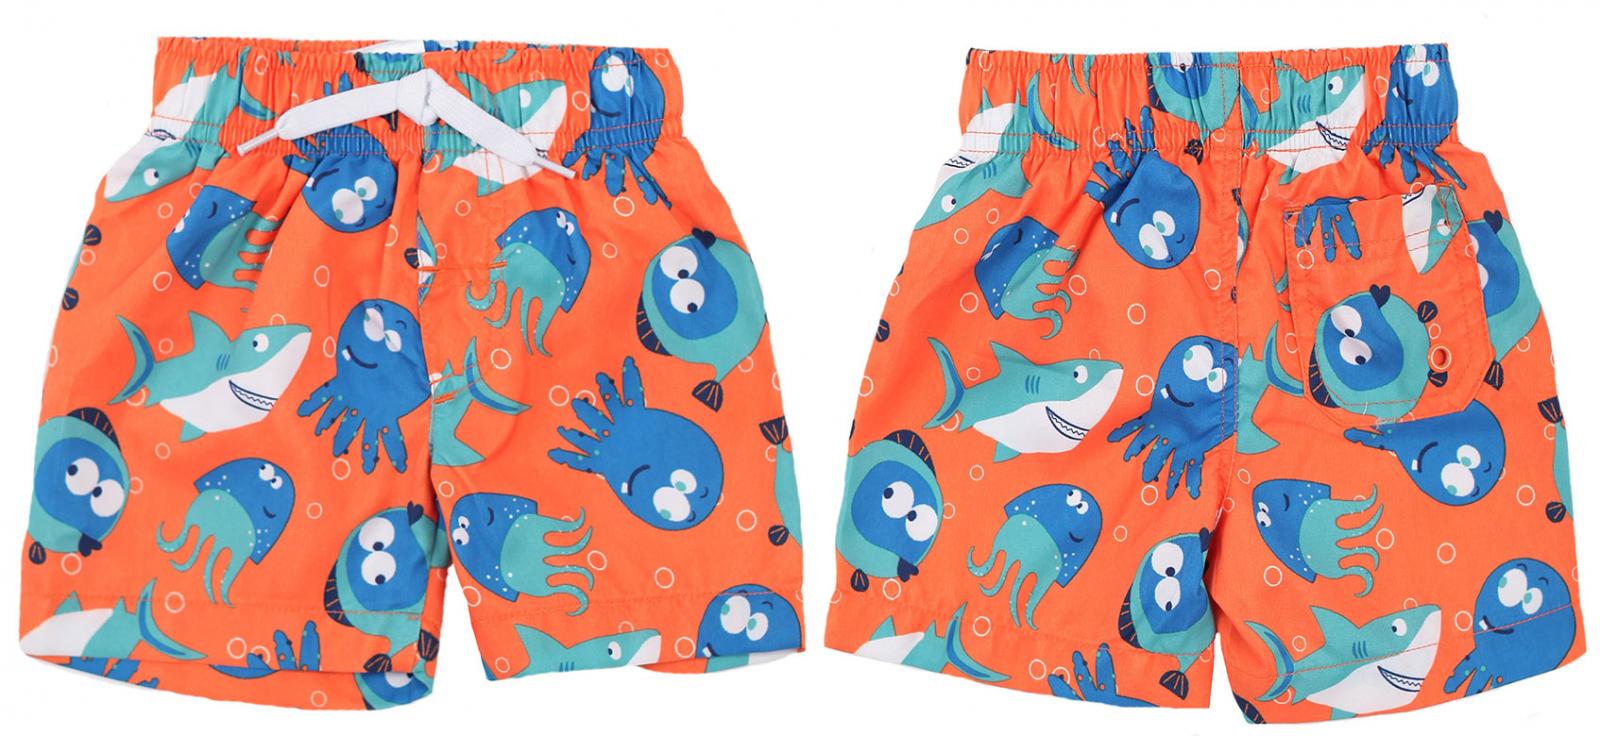 Заказать шорты для детей на лето